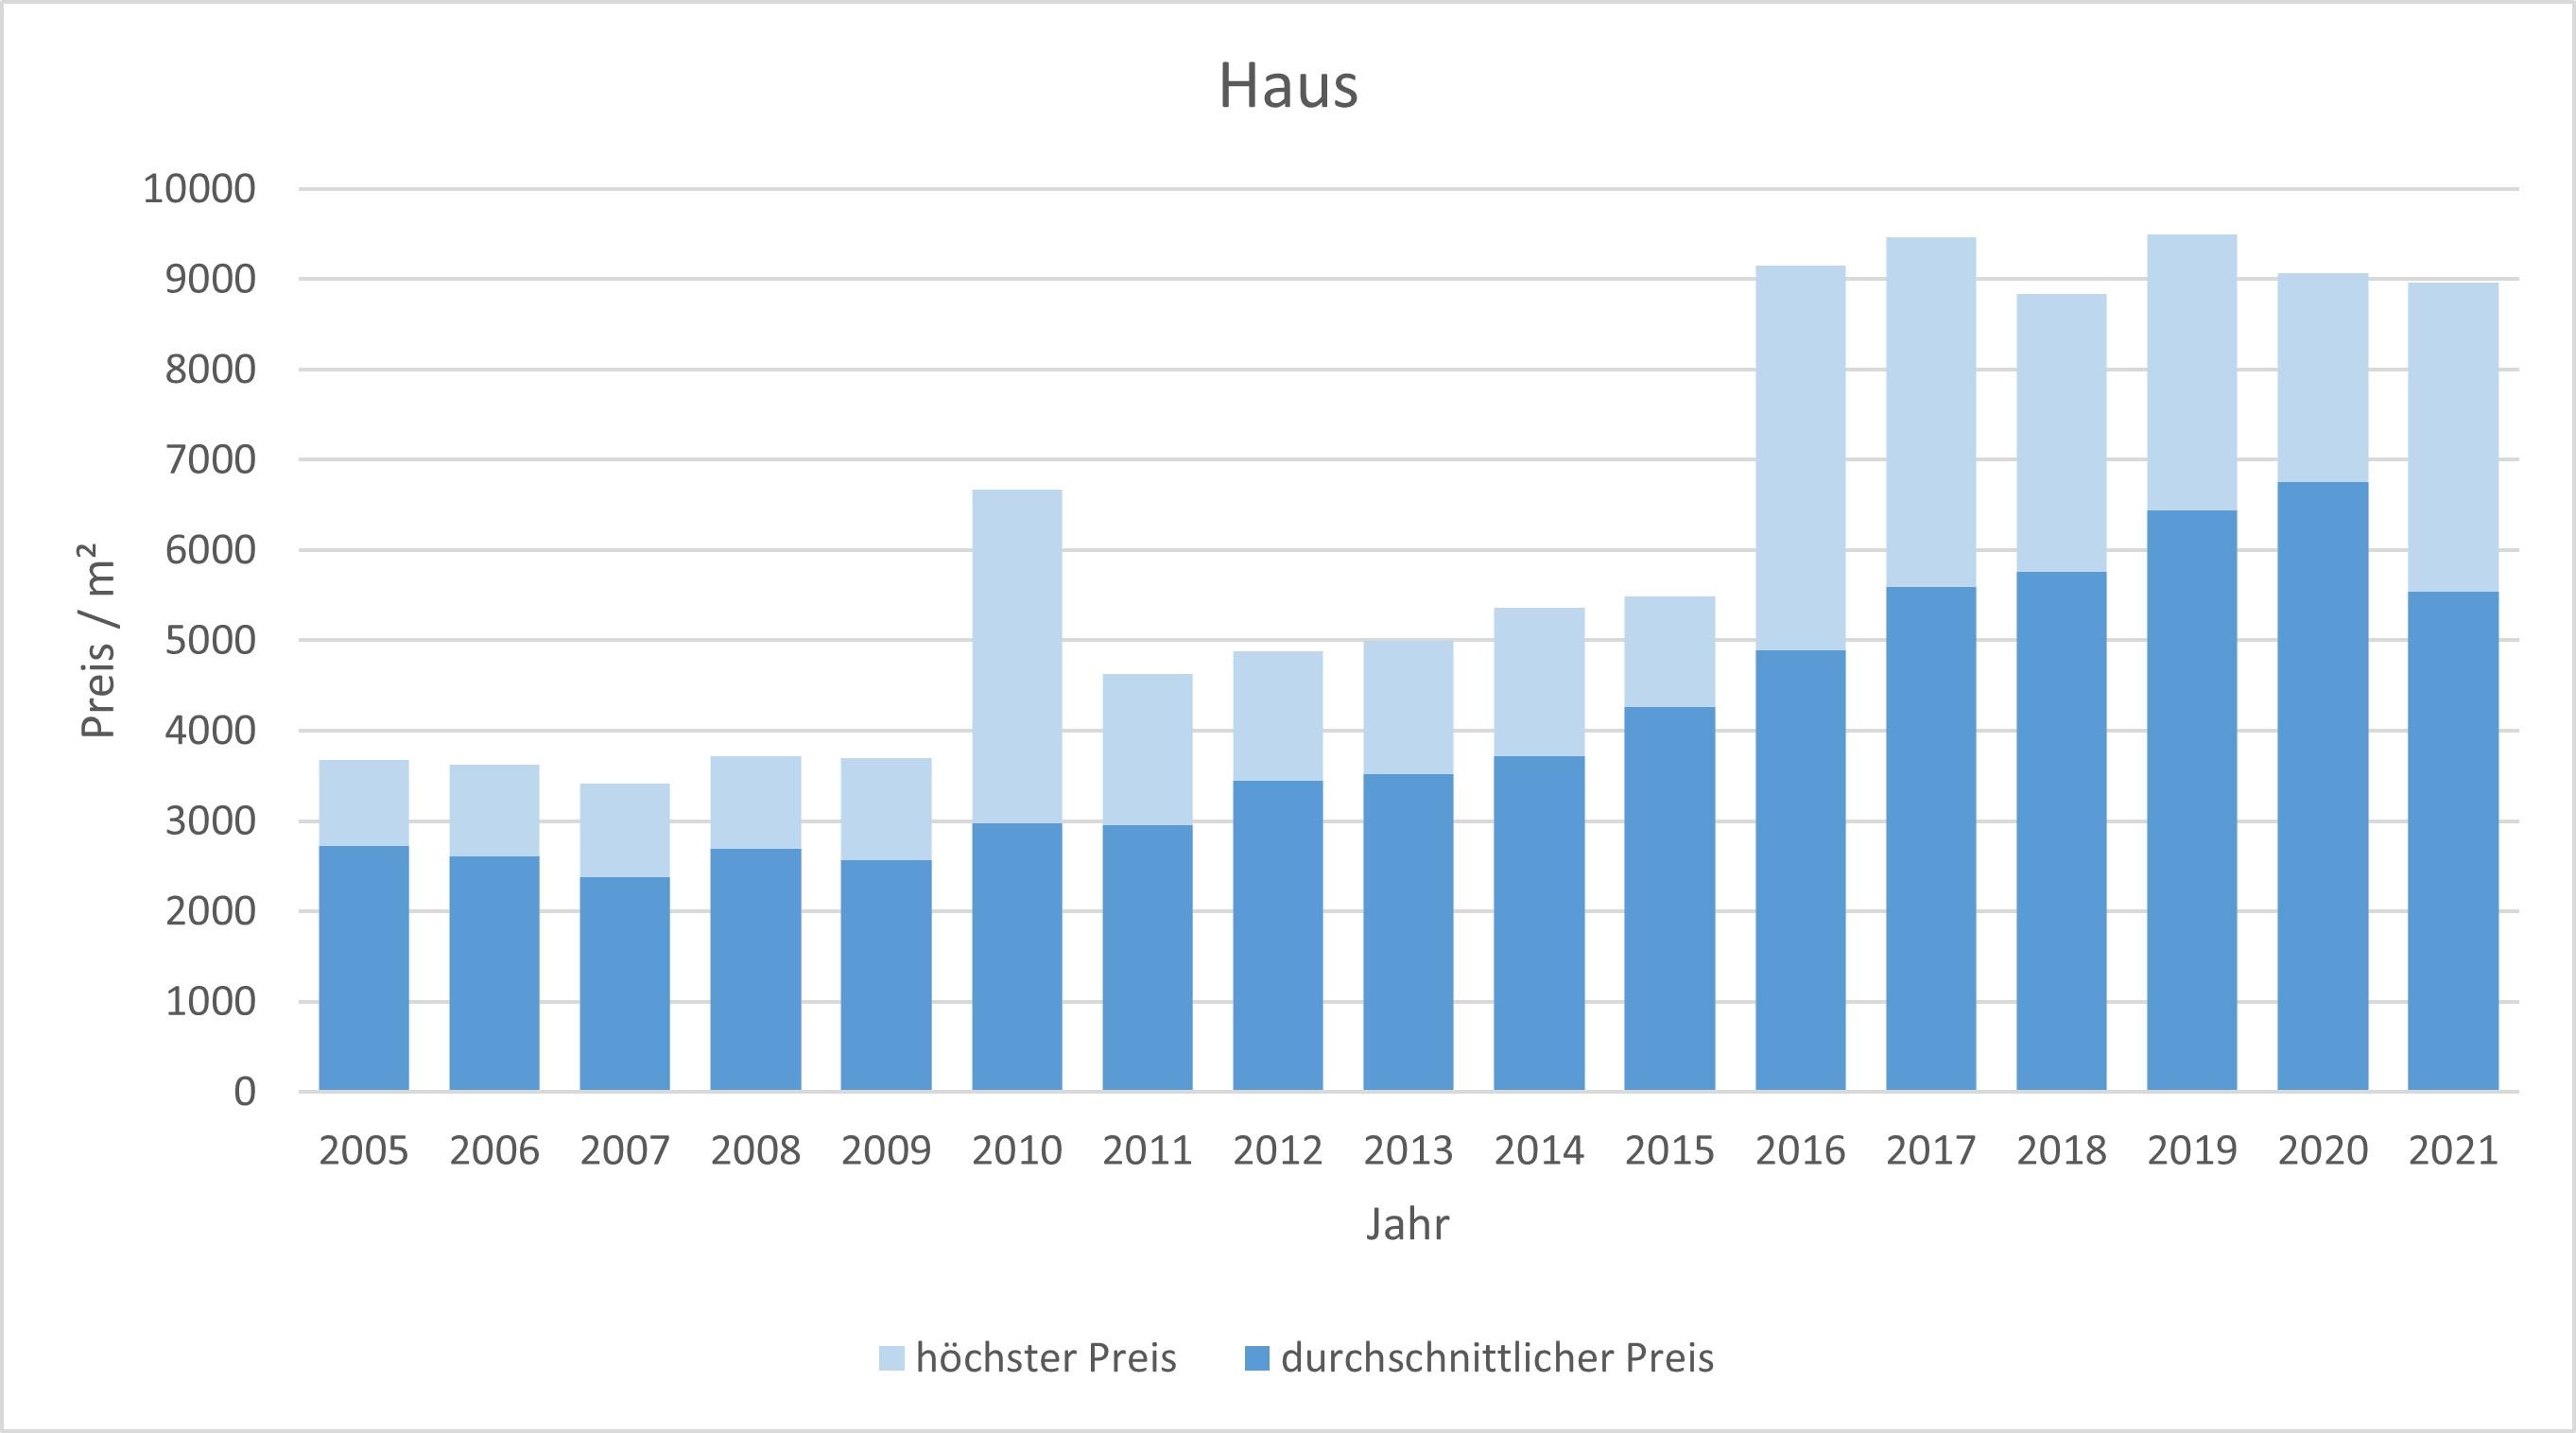 Aying Makler Haus Kaufen Verkaufen Preis Bewertung 2019, 2020, 2021